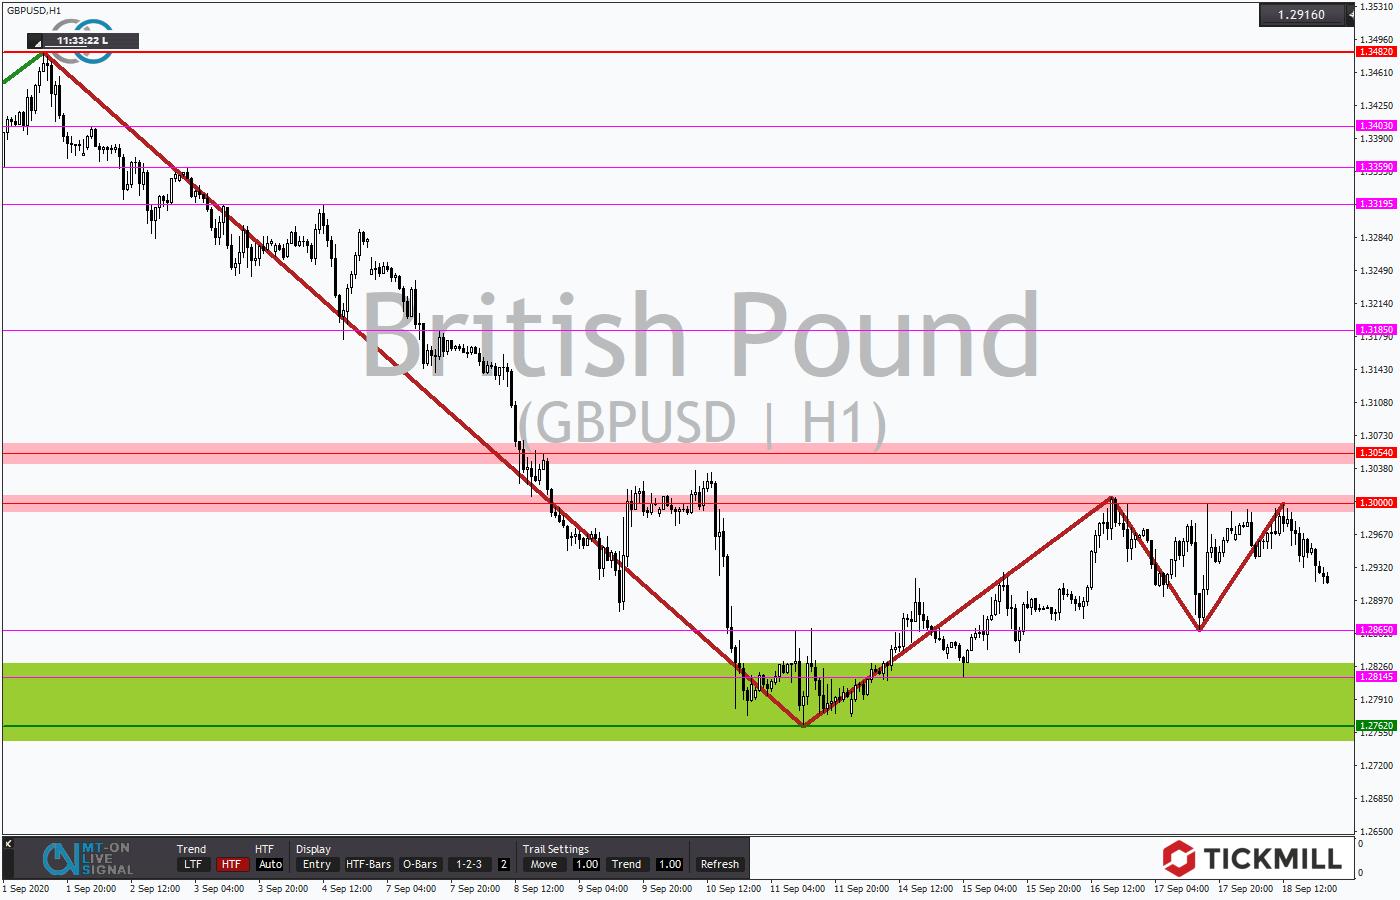 Tickmill-Analyse: Stundenverlauf im GBPUSD